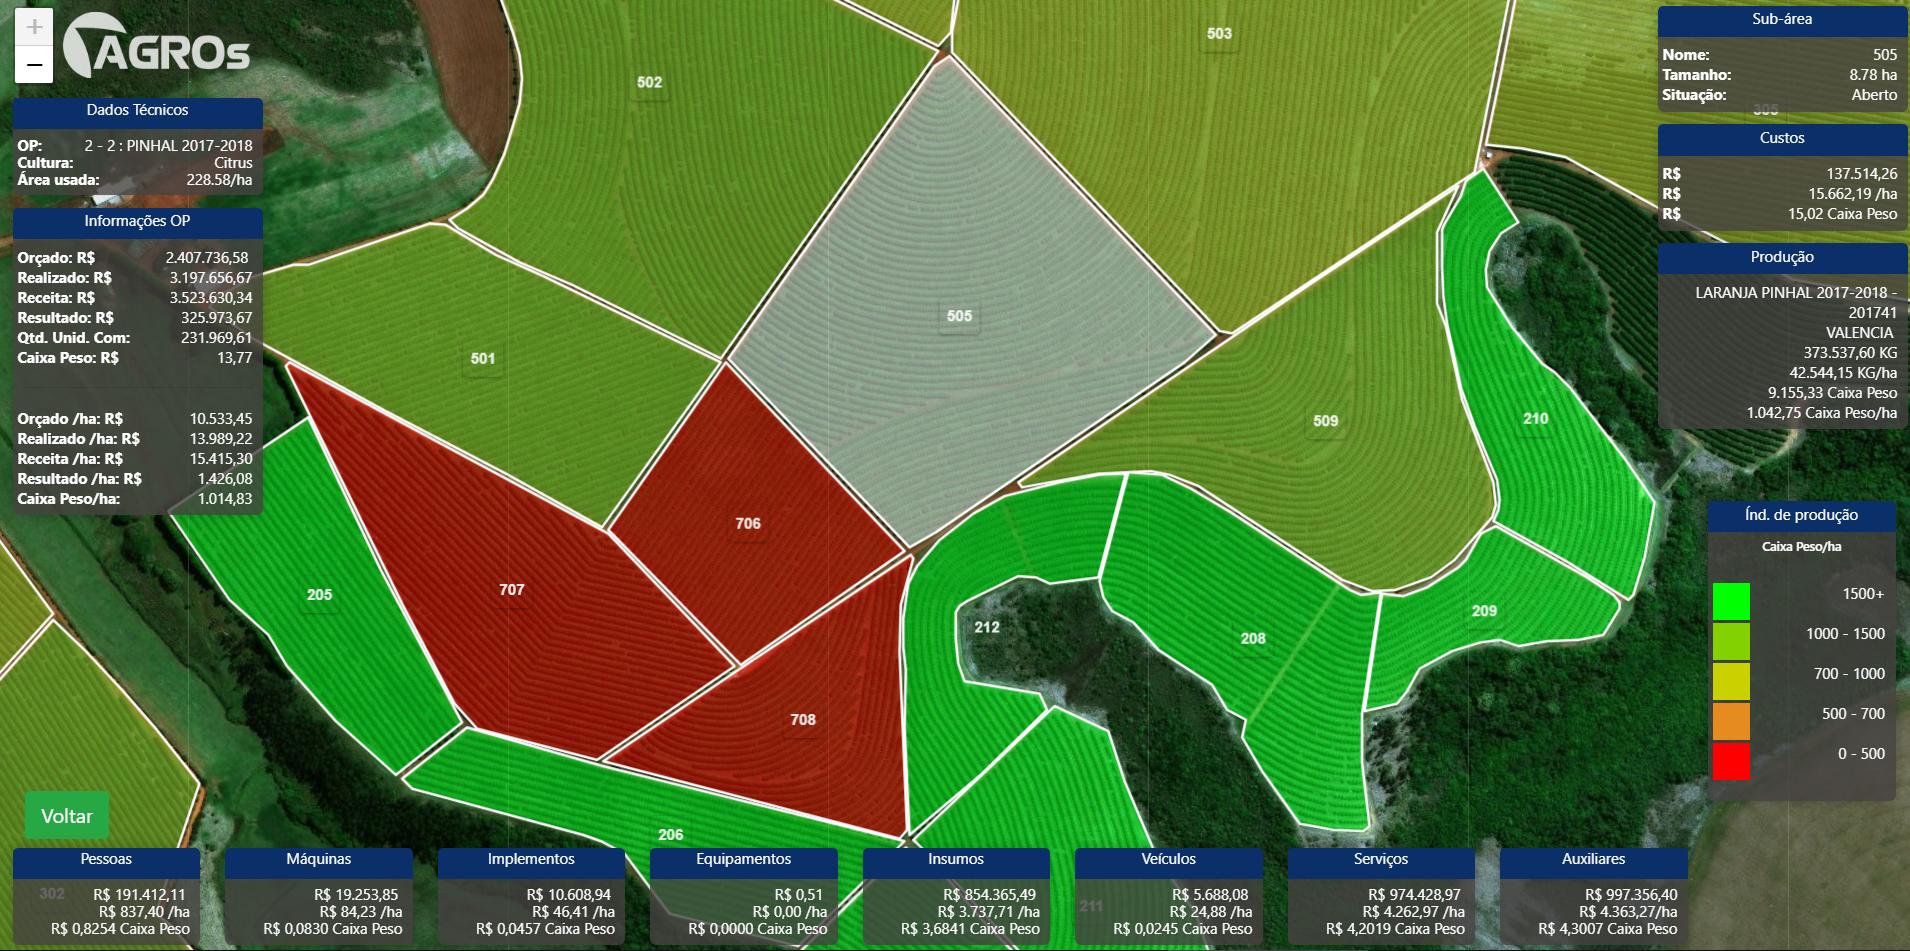 Mapa de custos da Ordem de Produção